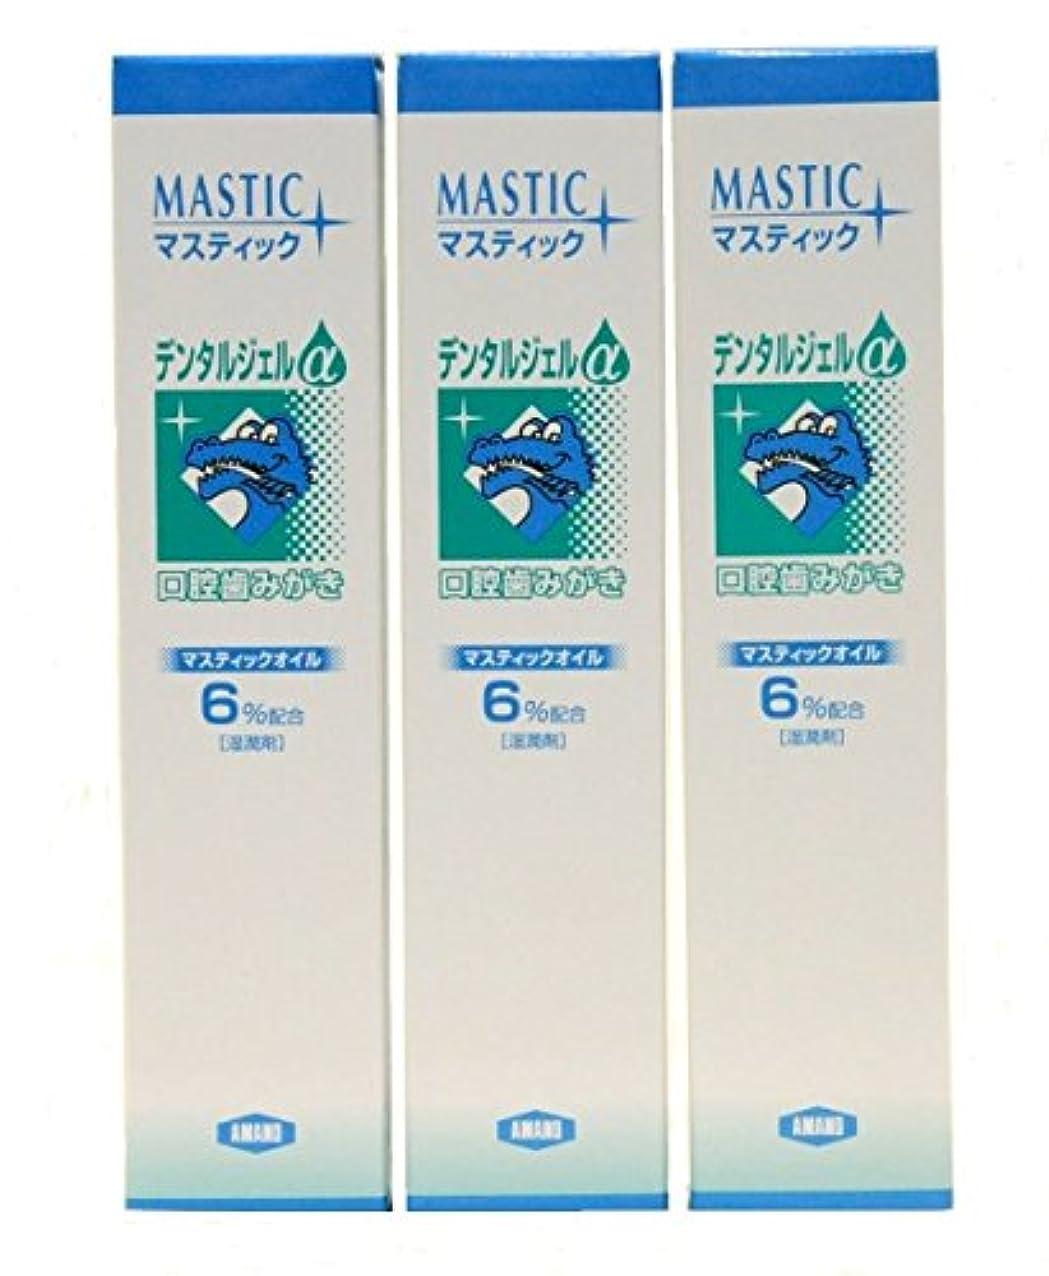 煙広告する振りかけるMASTIC マスティックデンタルジェルα45gX3個セット